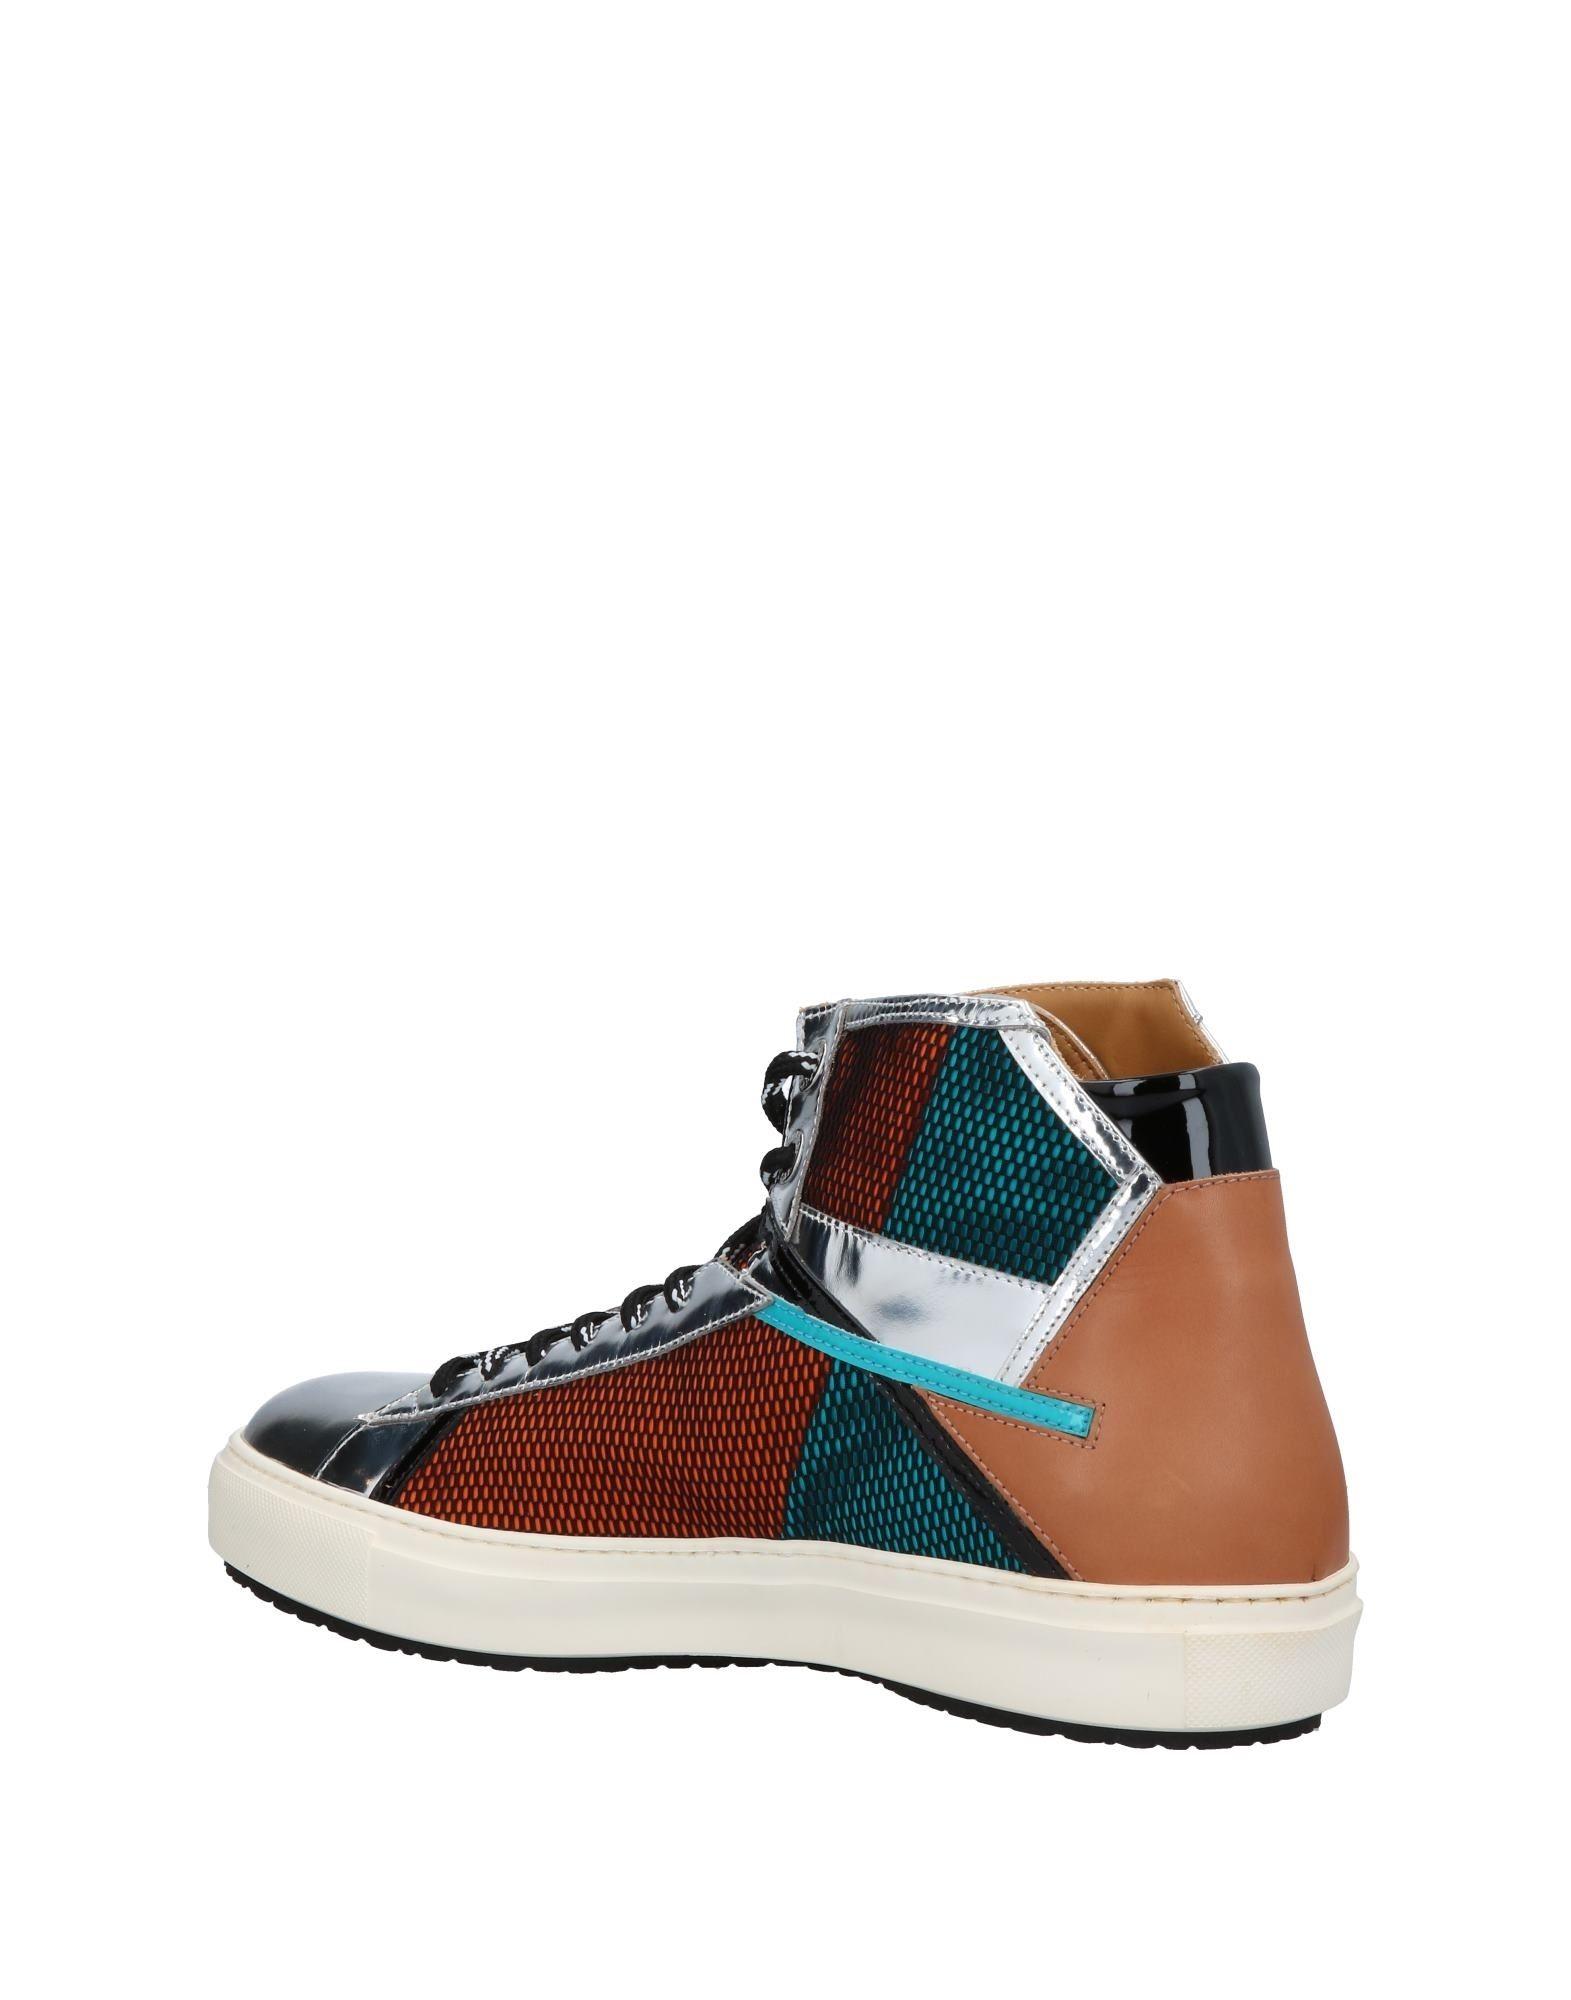 Rabatt echte 11387220JX Schuhe Cesare Paciotti 4Us Sneakers Herren  11387220JX echte d78454